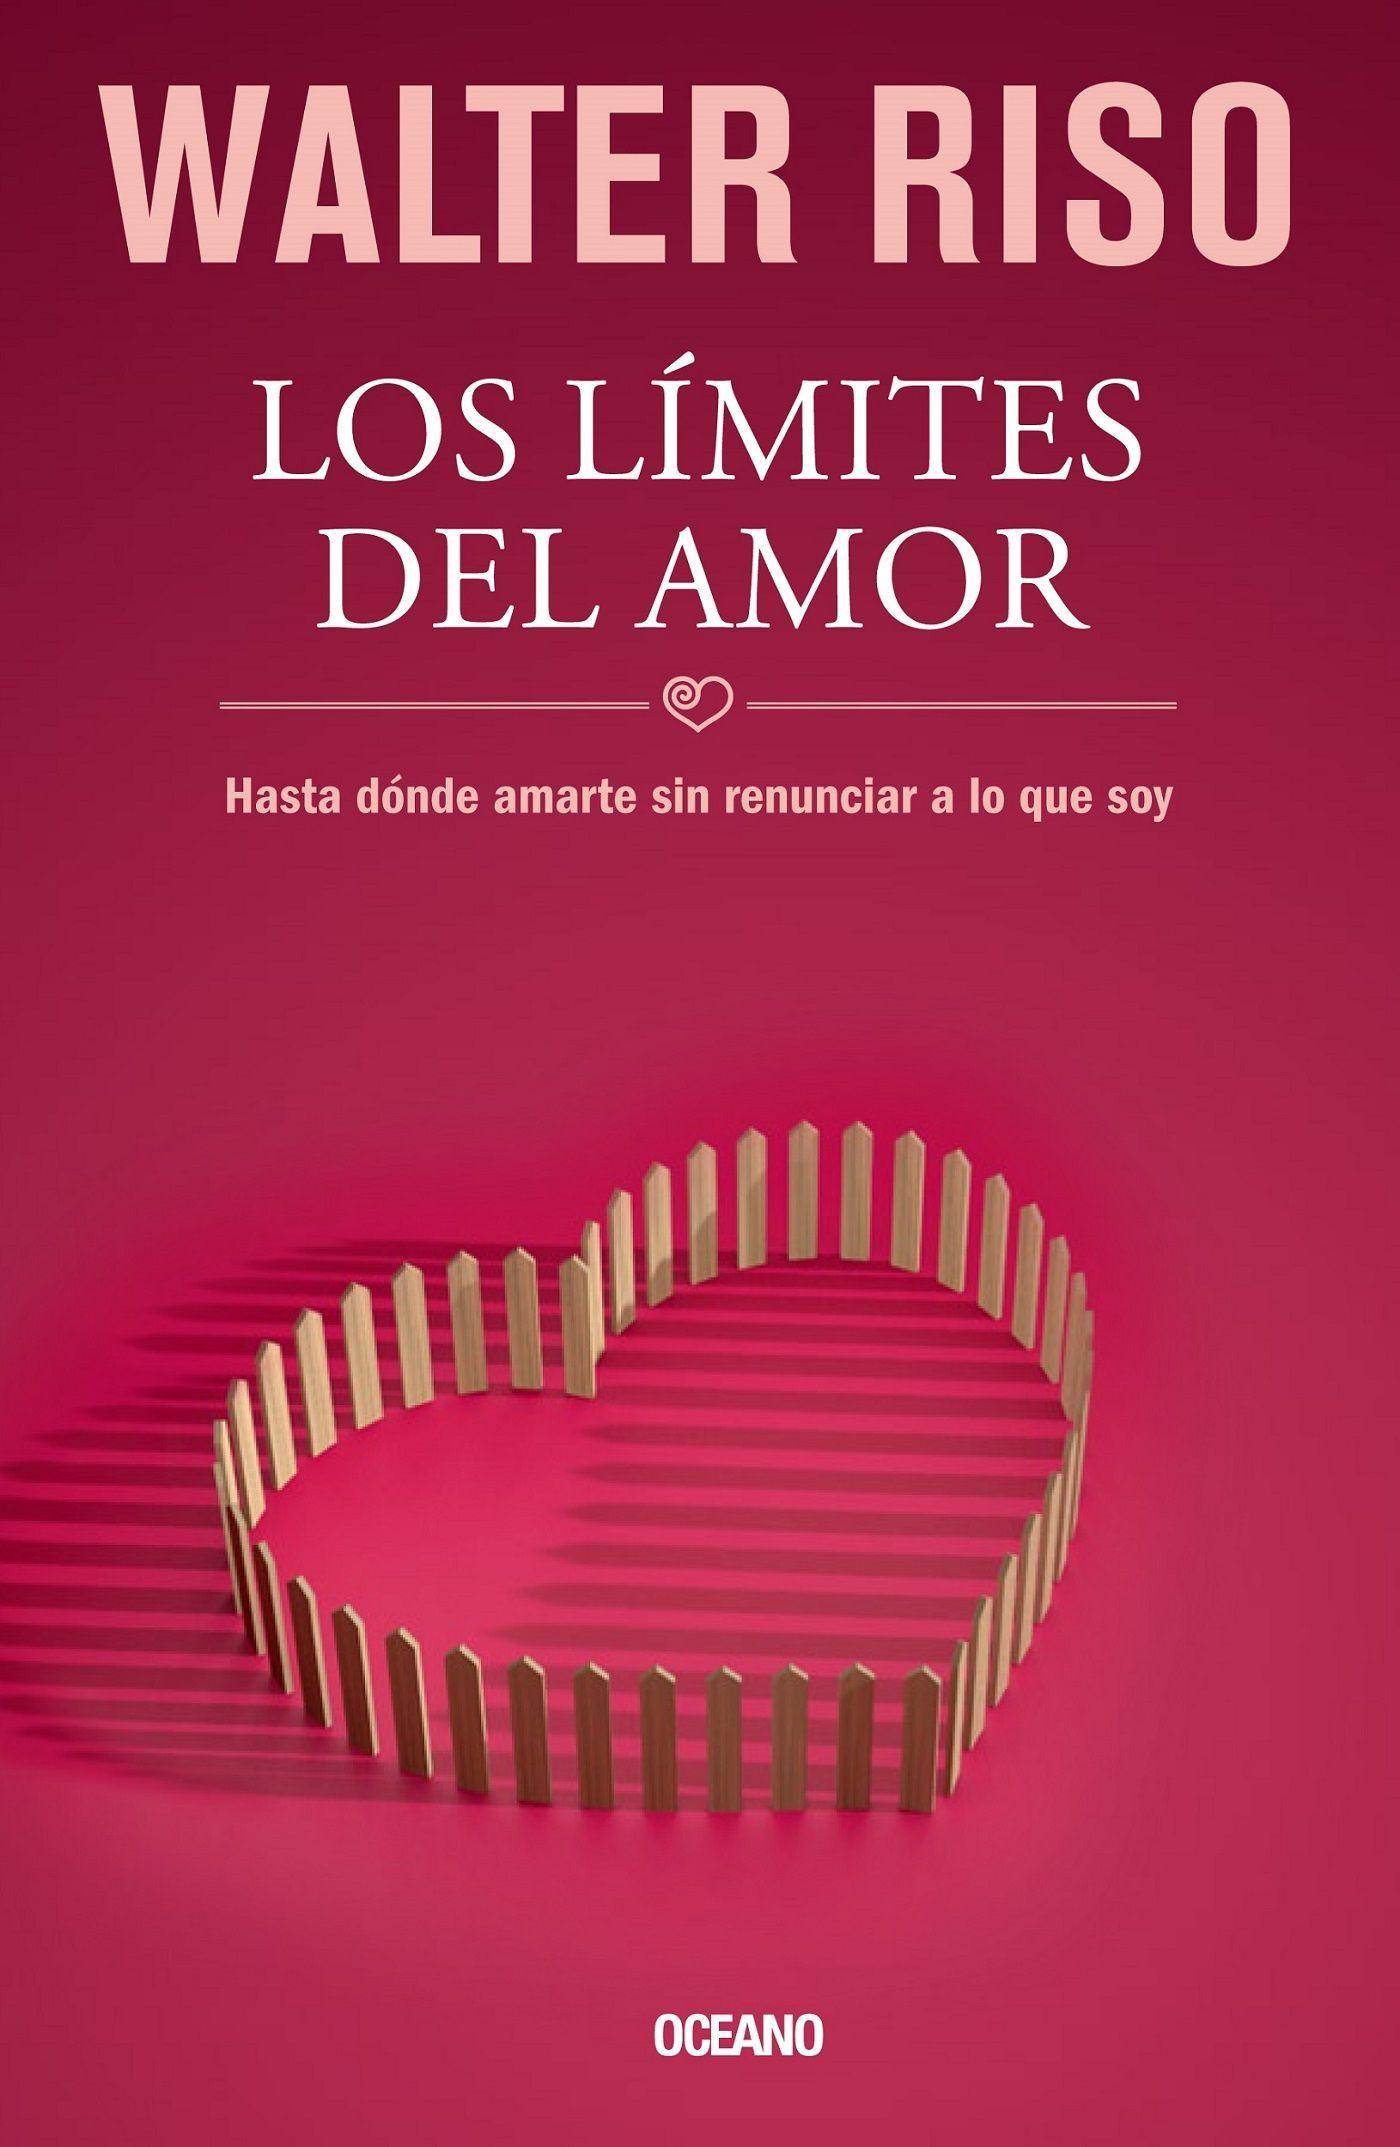 parejasparejasparejas: Los límites del amor un libro de Walter Riso